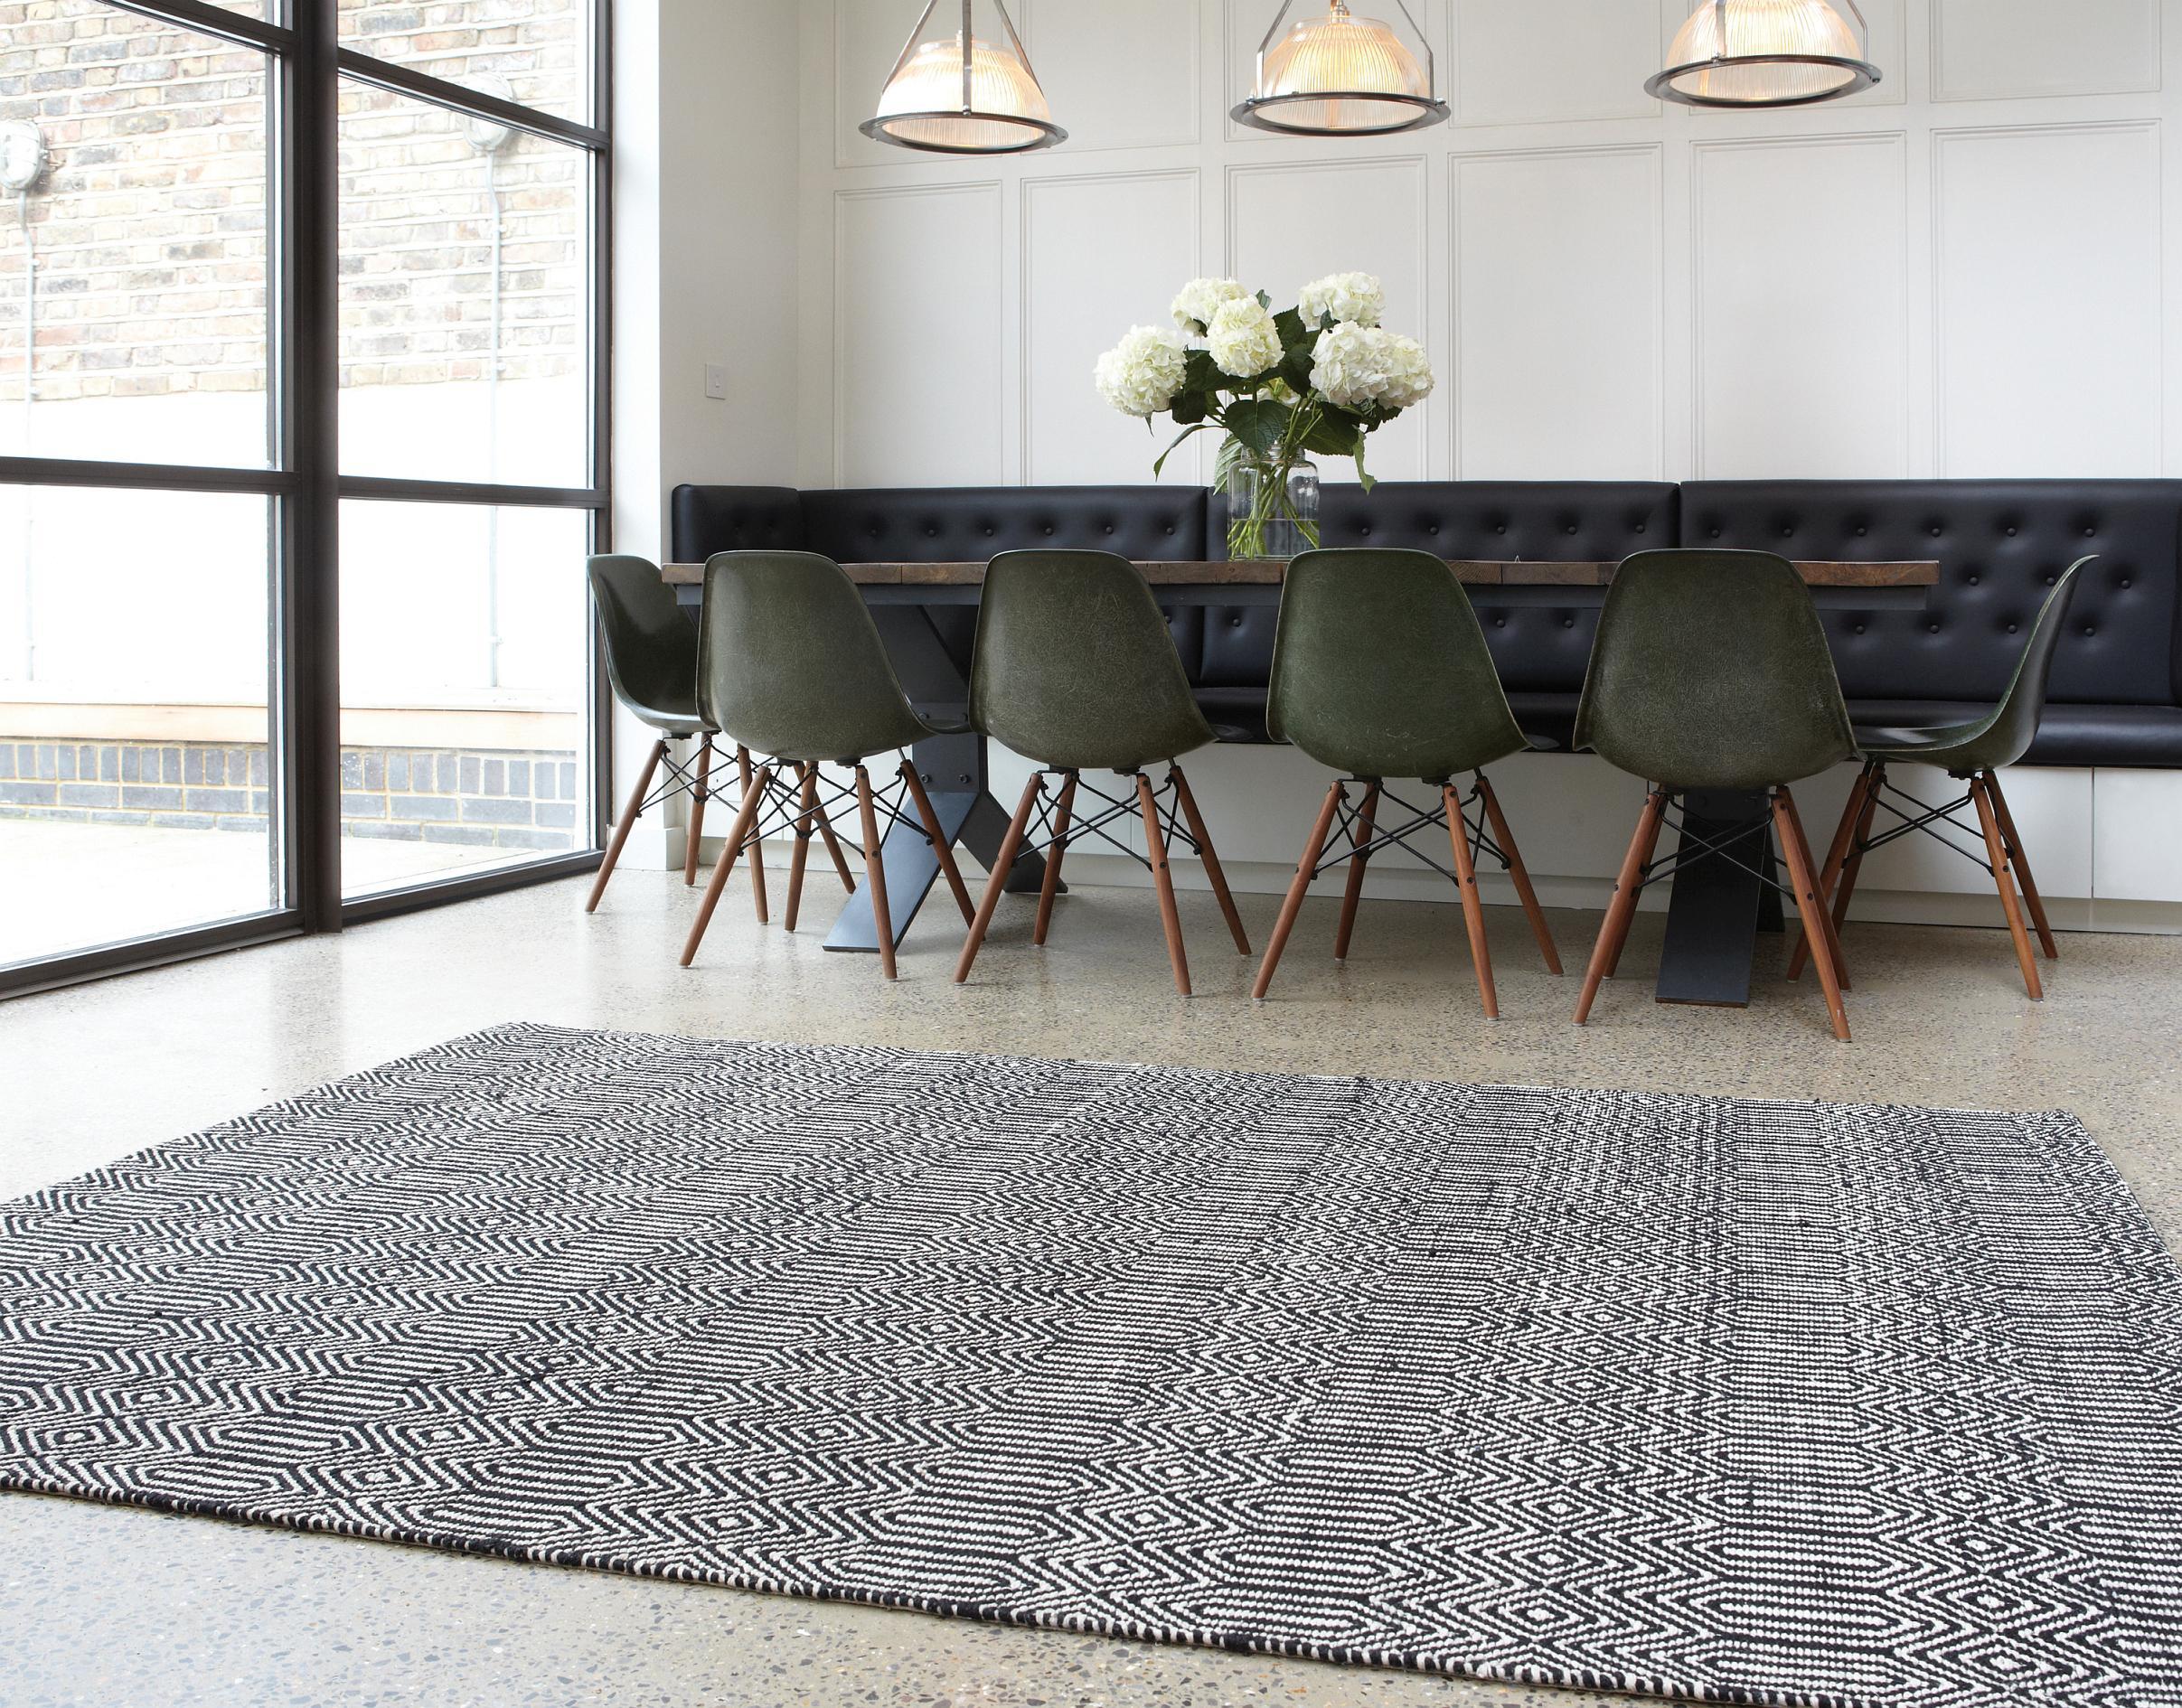 Charmant Moderner Teppich Für Modernes Wohnen #wohnzimmerteppich ©KadimaDesign